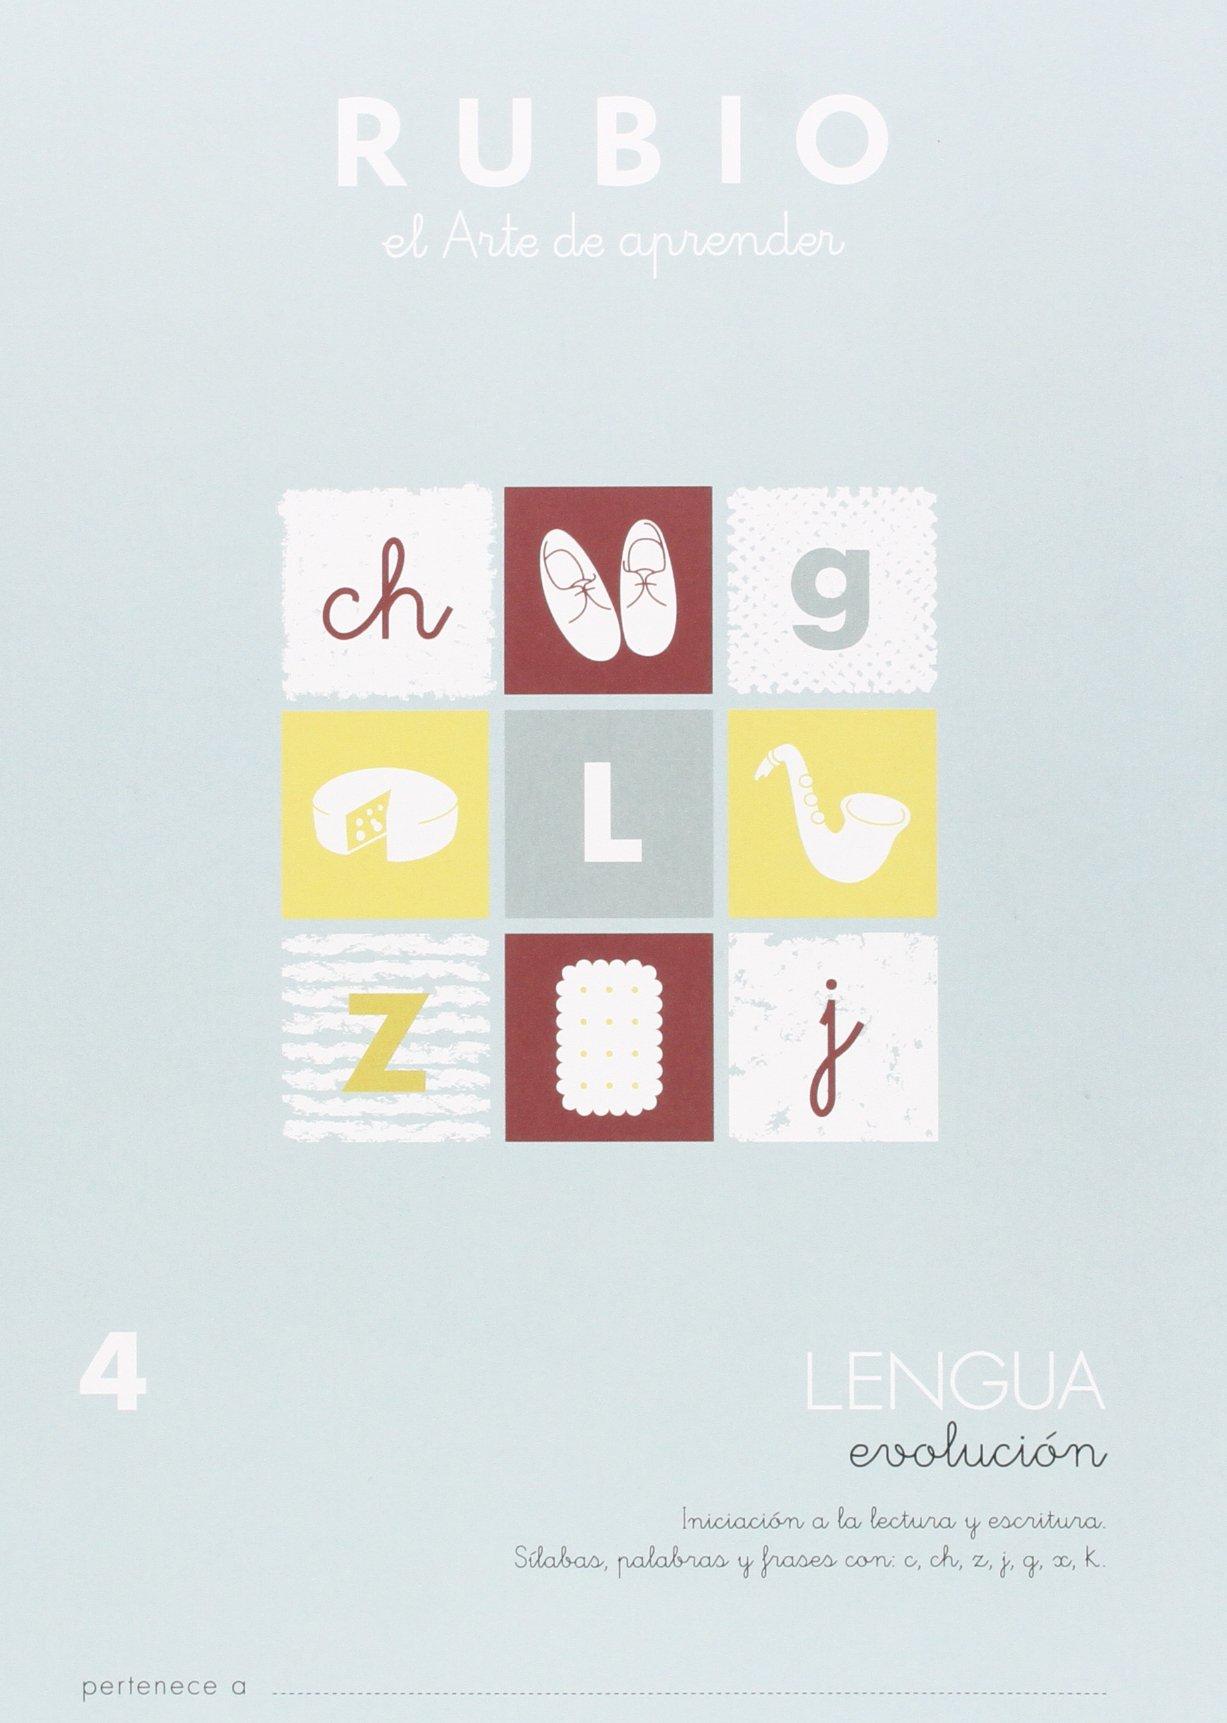 Ep 1 - Pack Verano Rubio: Amazon.es: Aa.Vv.: Libros